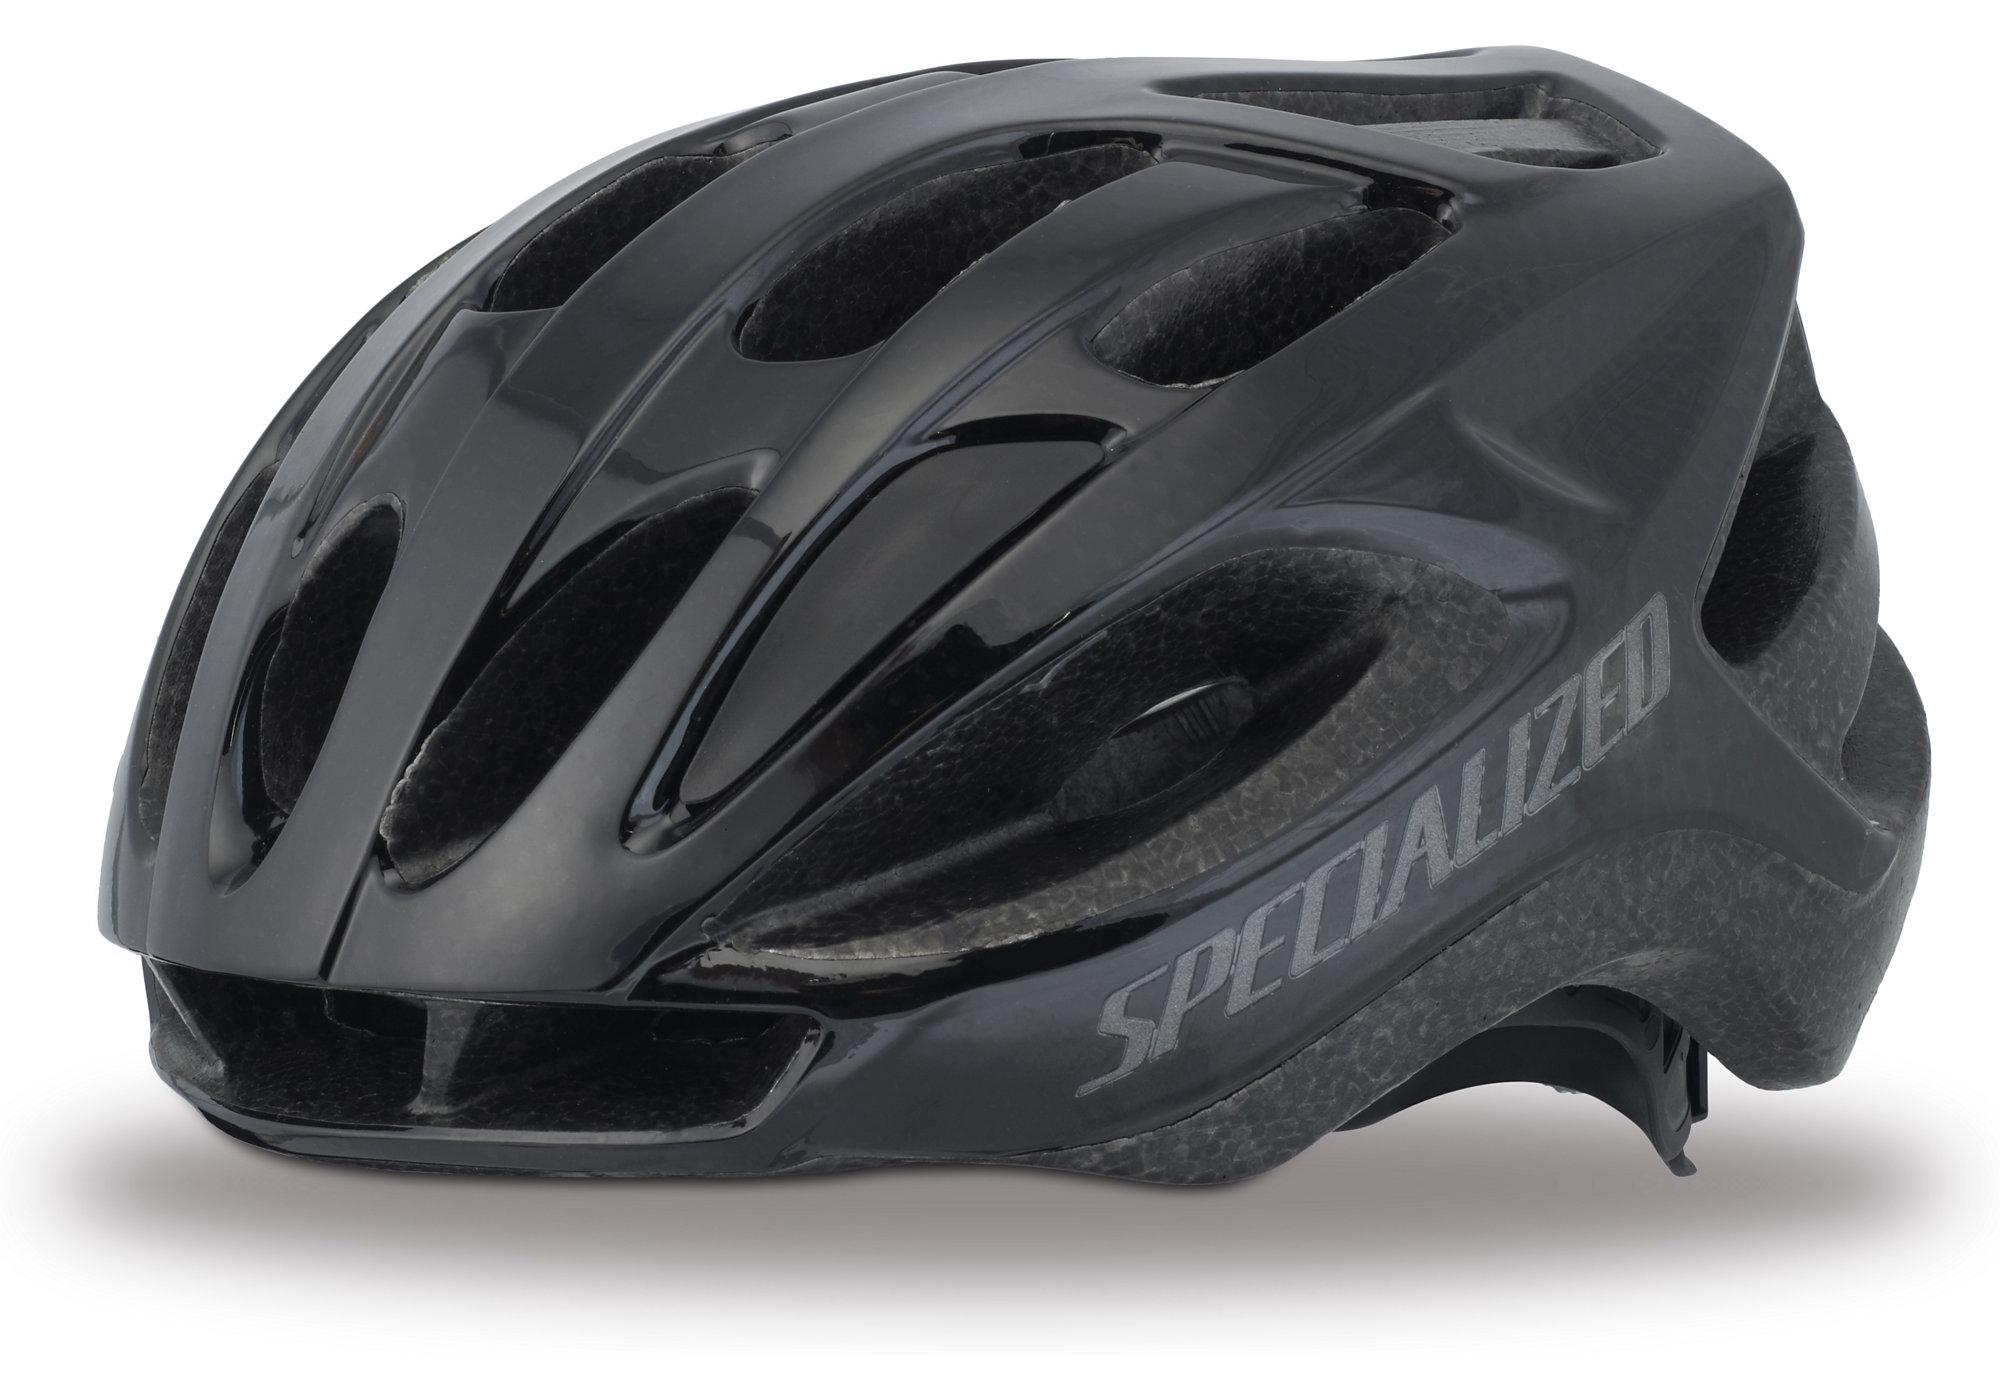 Mũ bảo hiểm xe đạp chuyên dụng có khoảng giá rất rộng